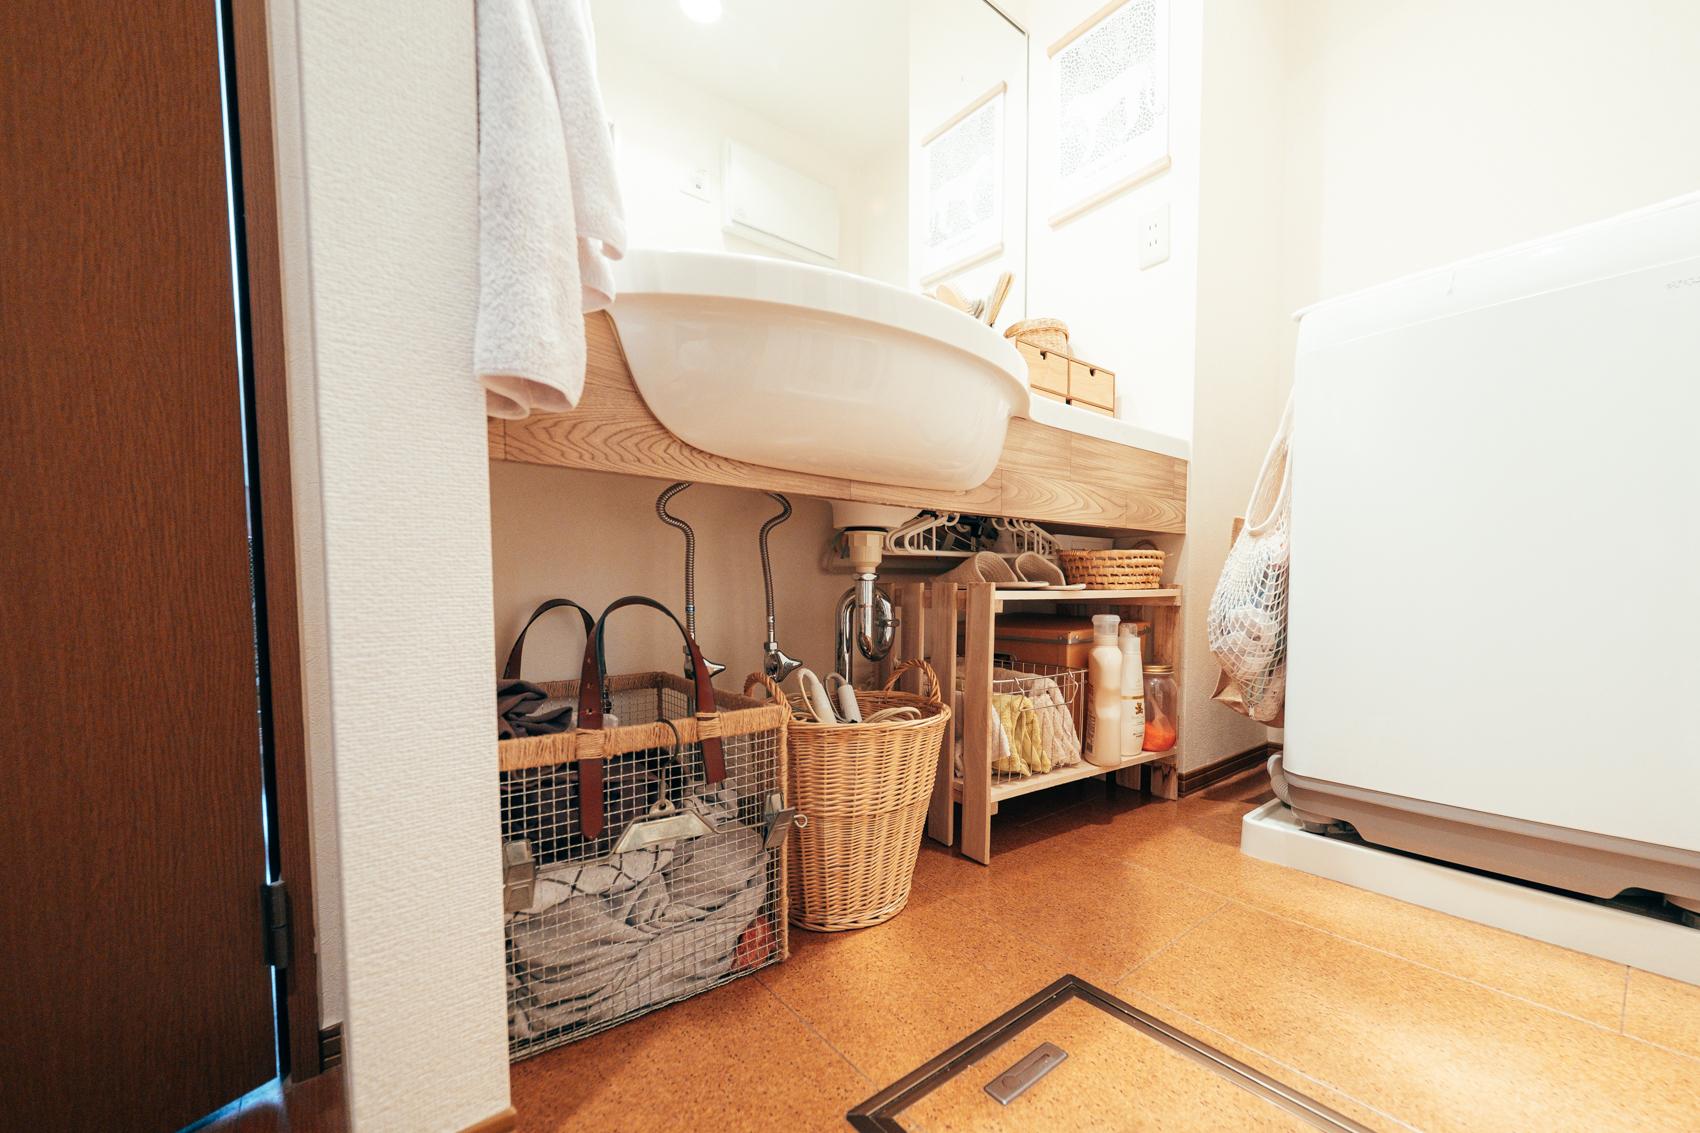 「用途や色合いで適したものが見つからない時もDIYで解決しています。洗面台下の籠なんかは、差し色としても意識して作りました。」